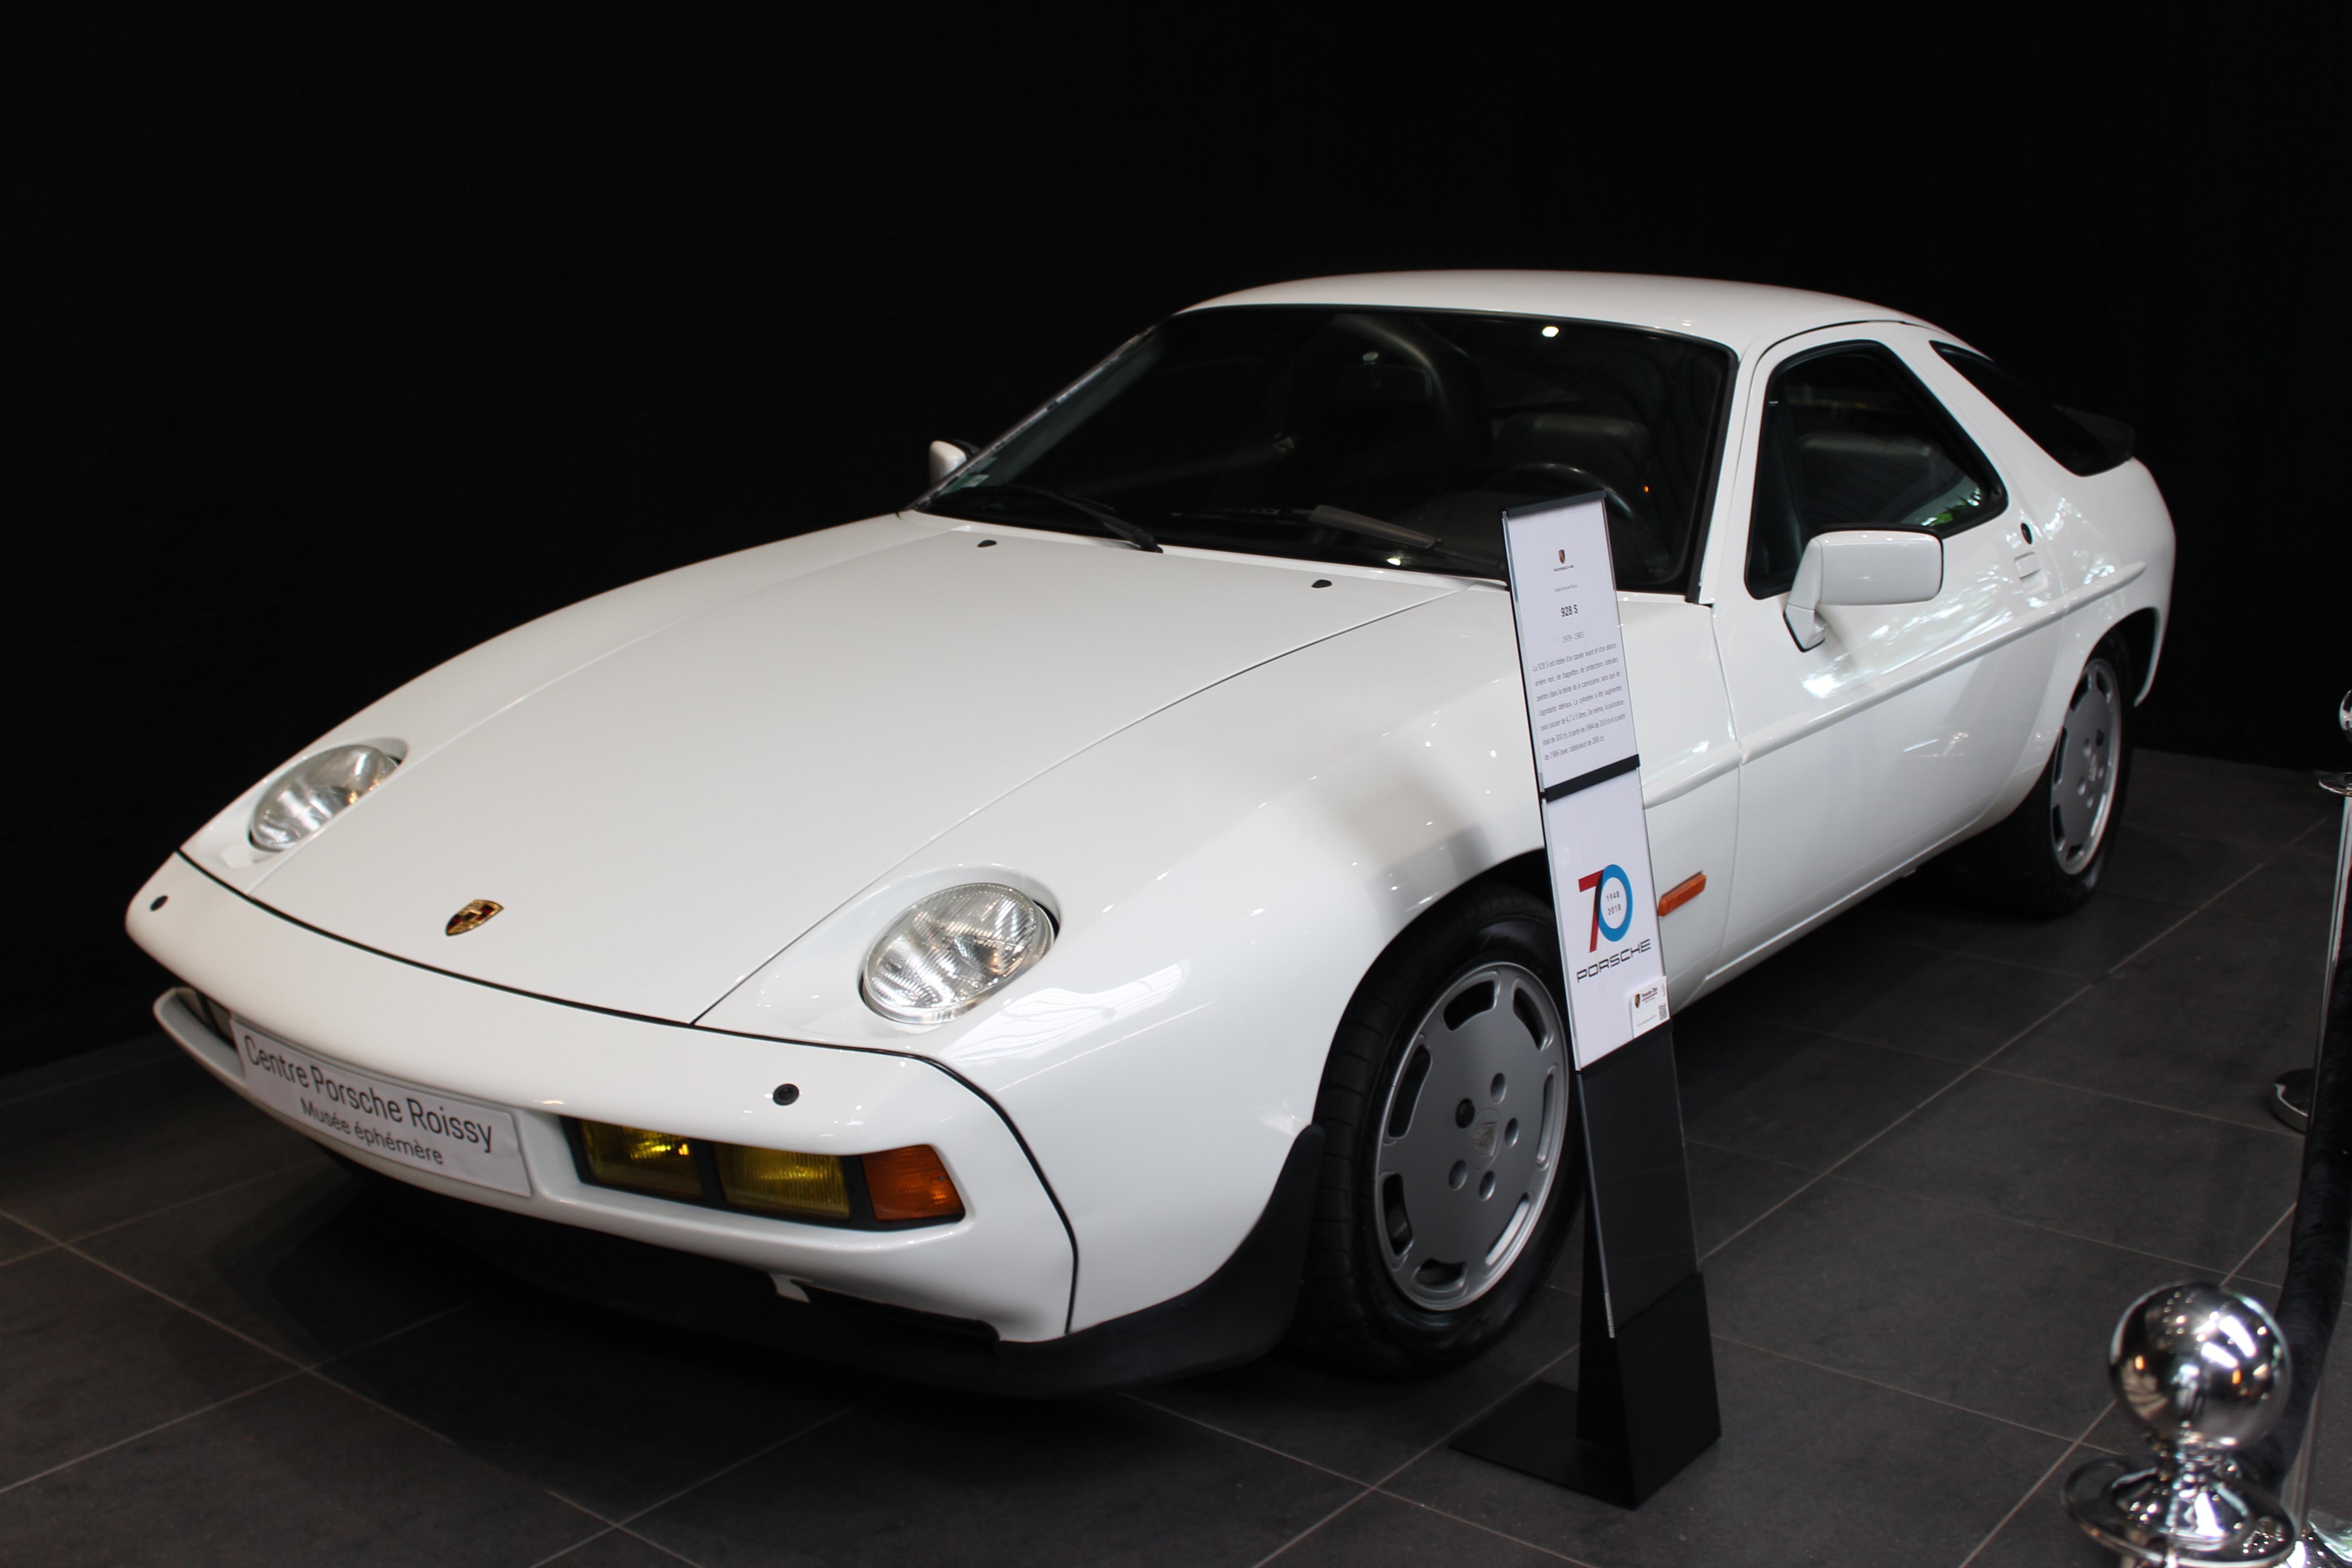 70 Ans Centre Porsche ROISSY Sonauto Img_6524